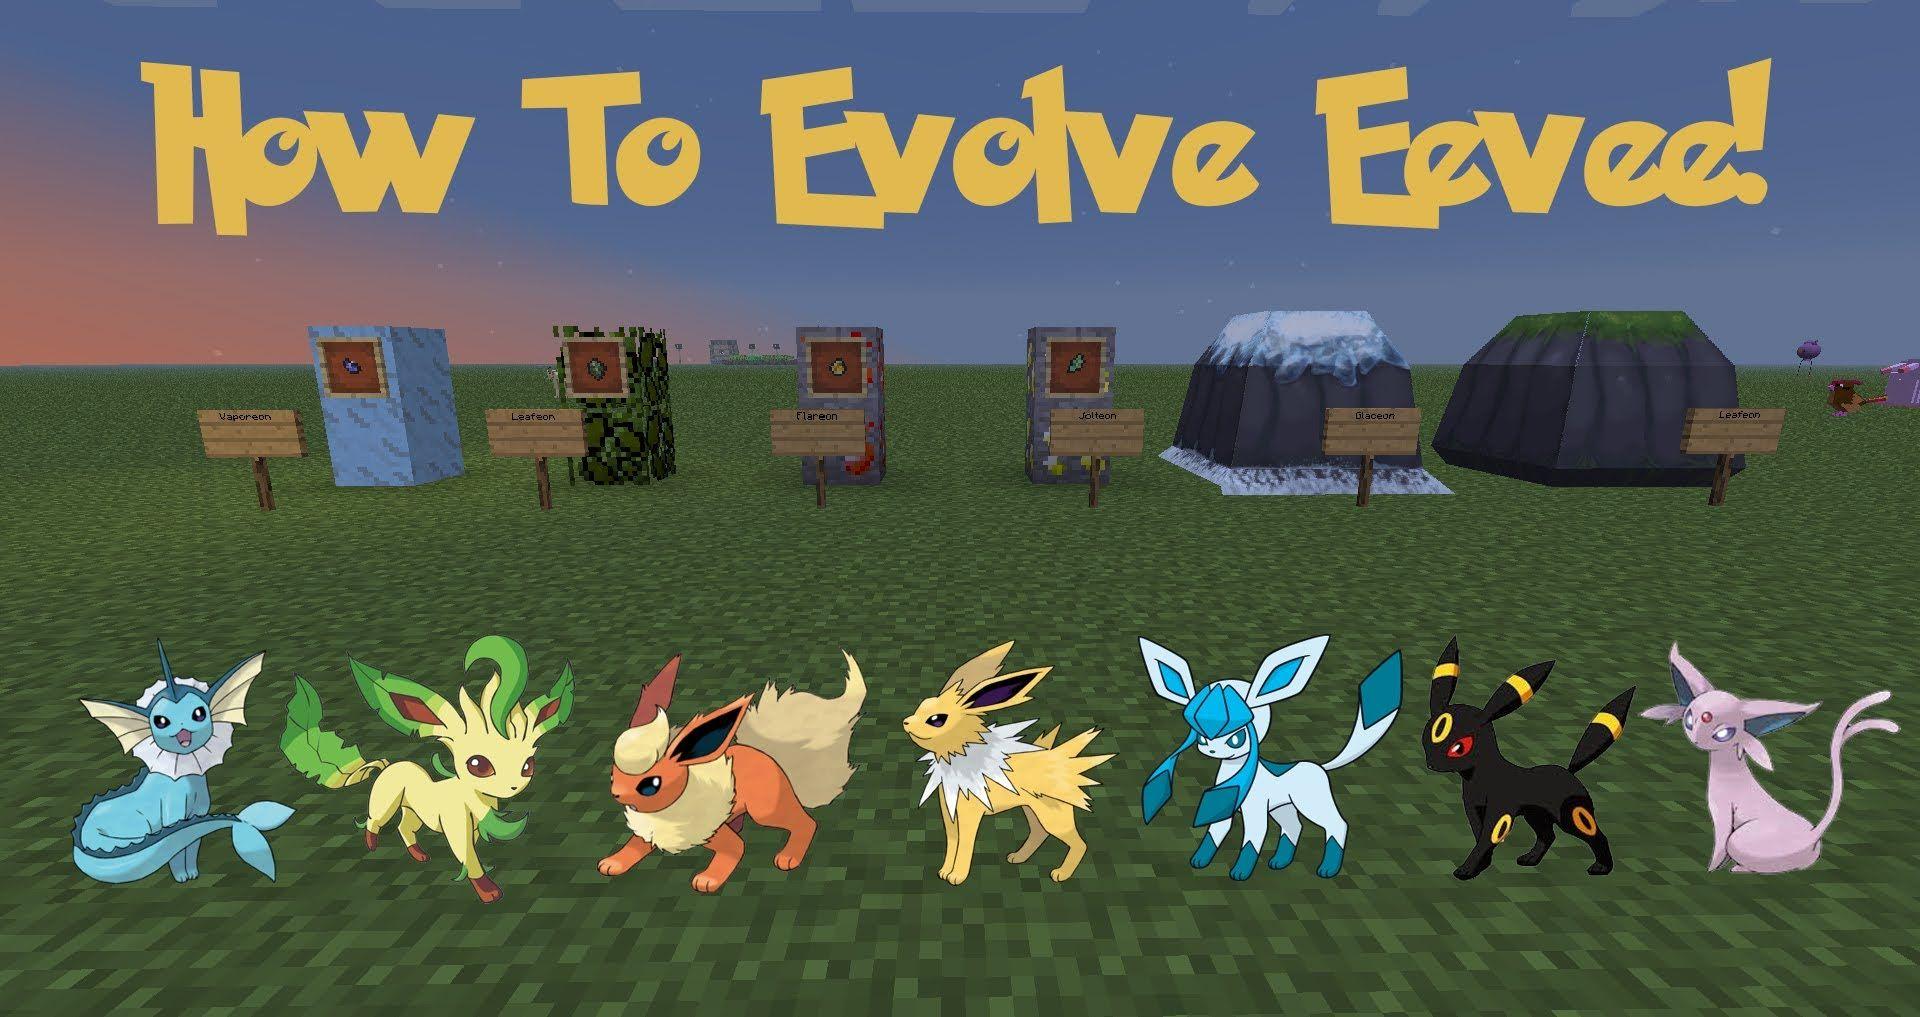 How to Evolve A Eevee! Pixelmon Tutorial